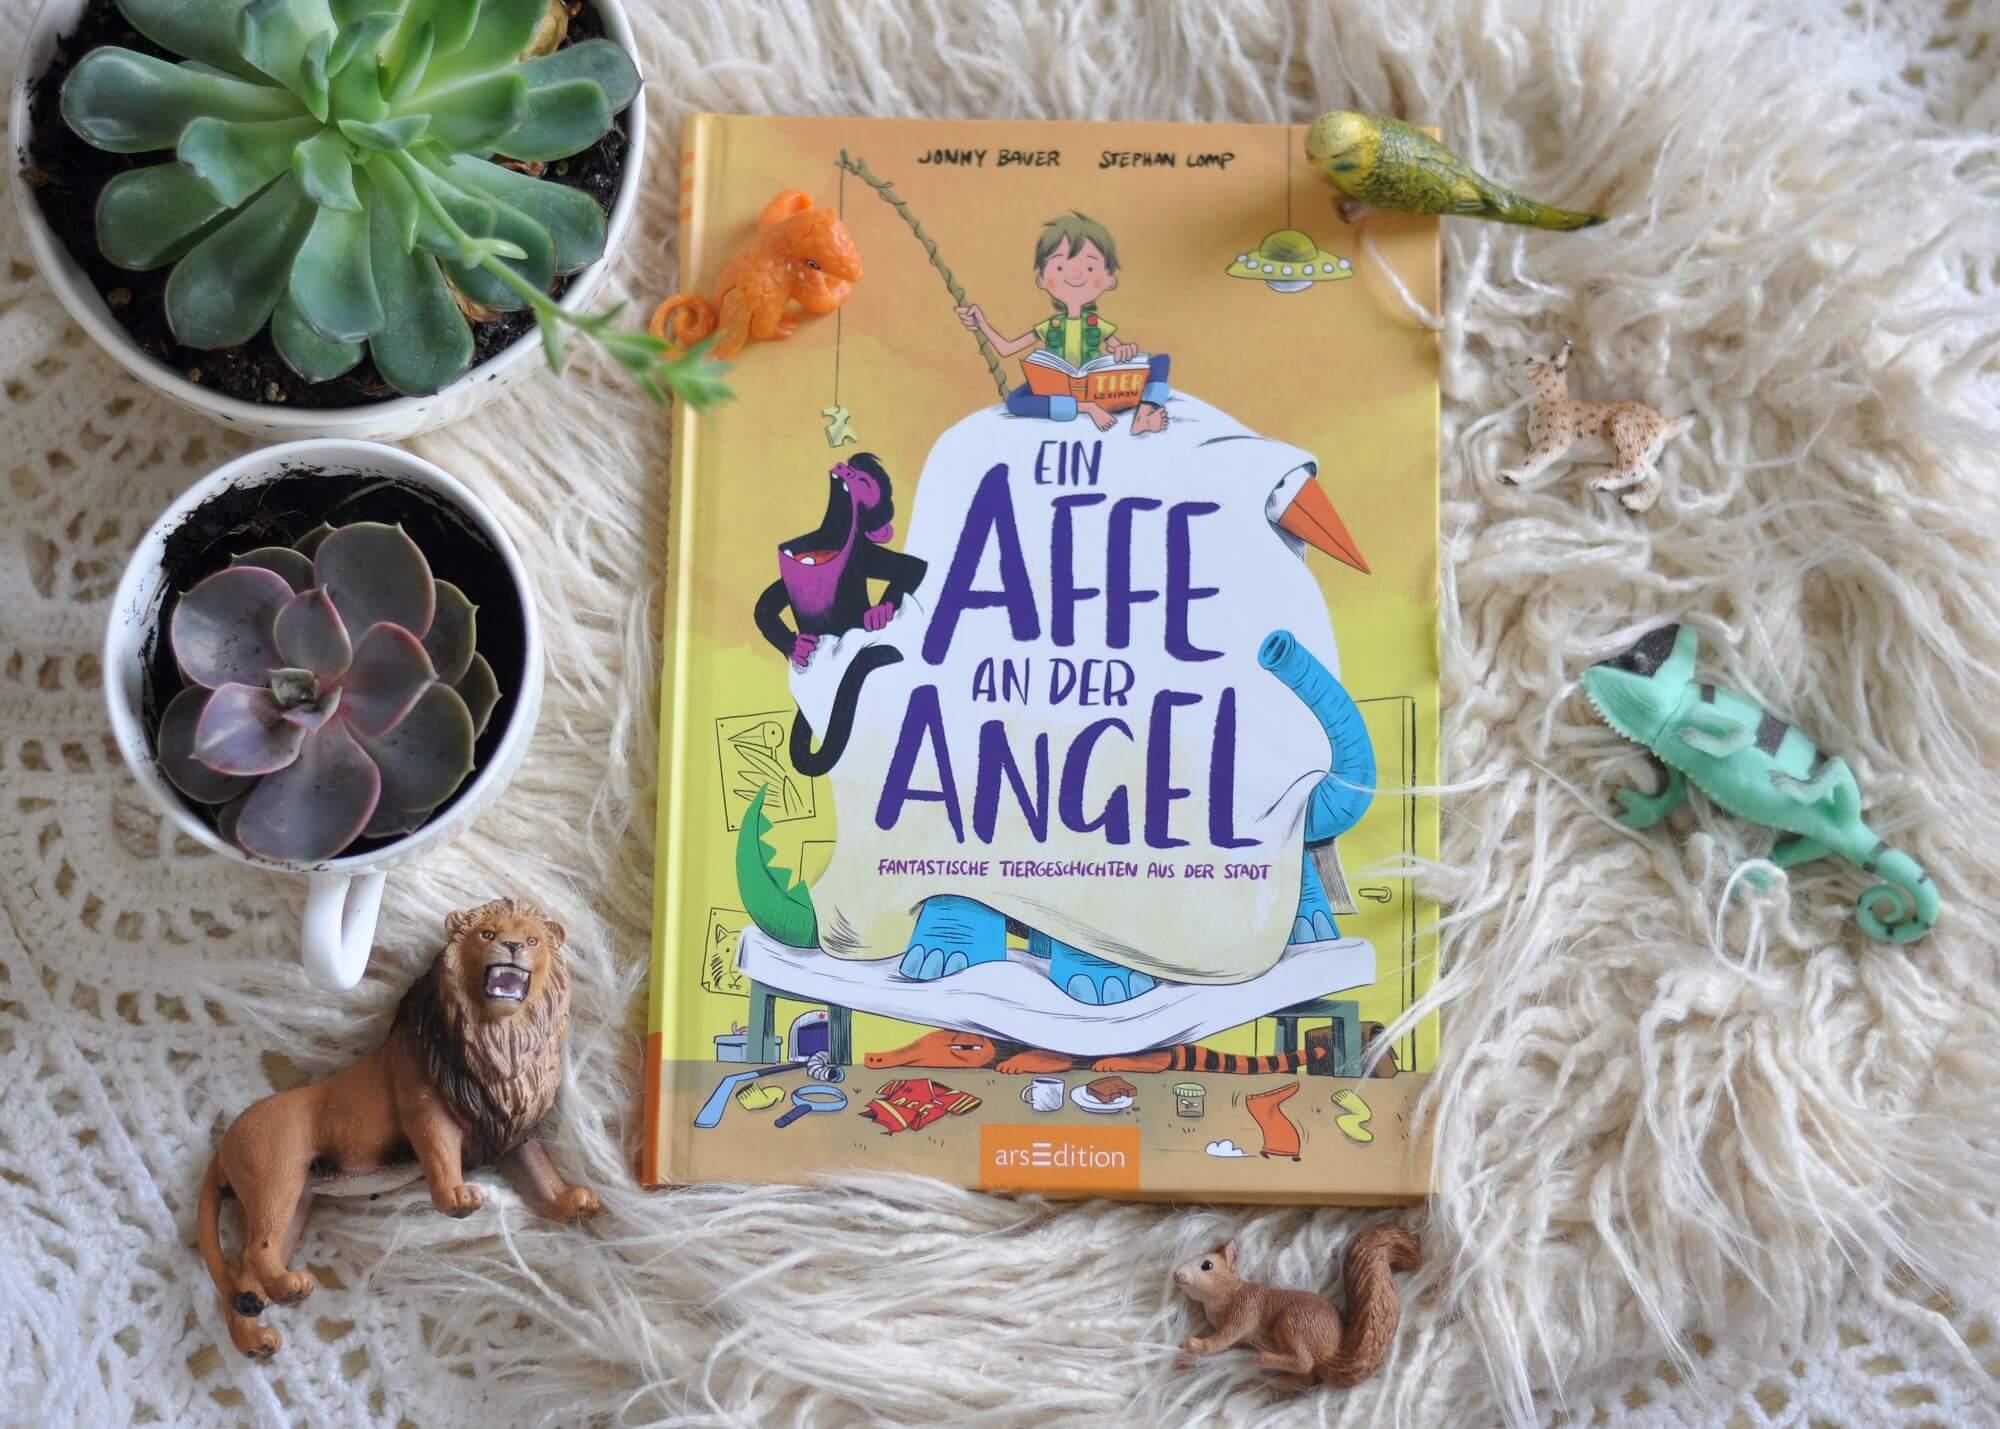 Fantastische Tiergeschichten aus der Stadt: Auch in der Stadt kann man ein fantasievoller Tierforscher sein #kinderbuch #vorlesen #tier #geschichten #affe #stadt #fantasie #forscher